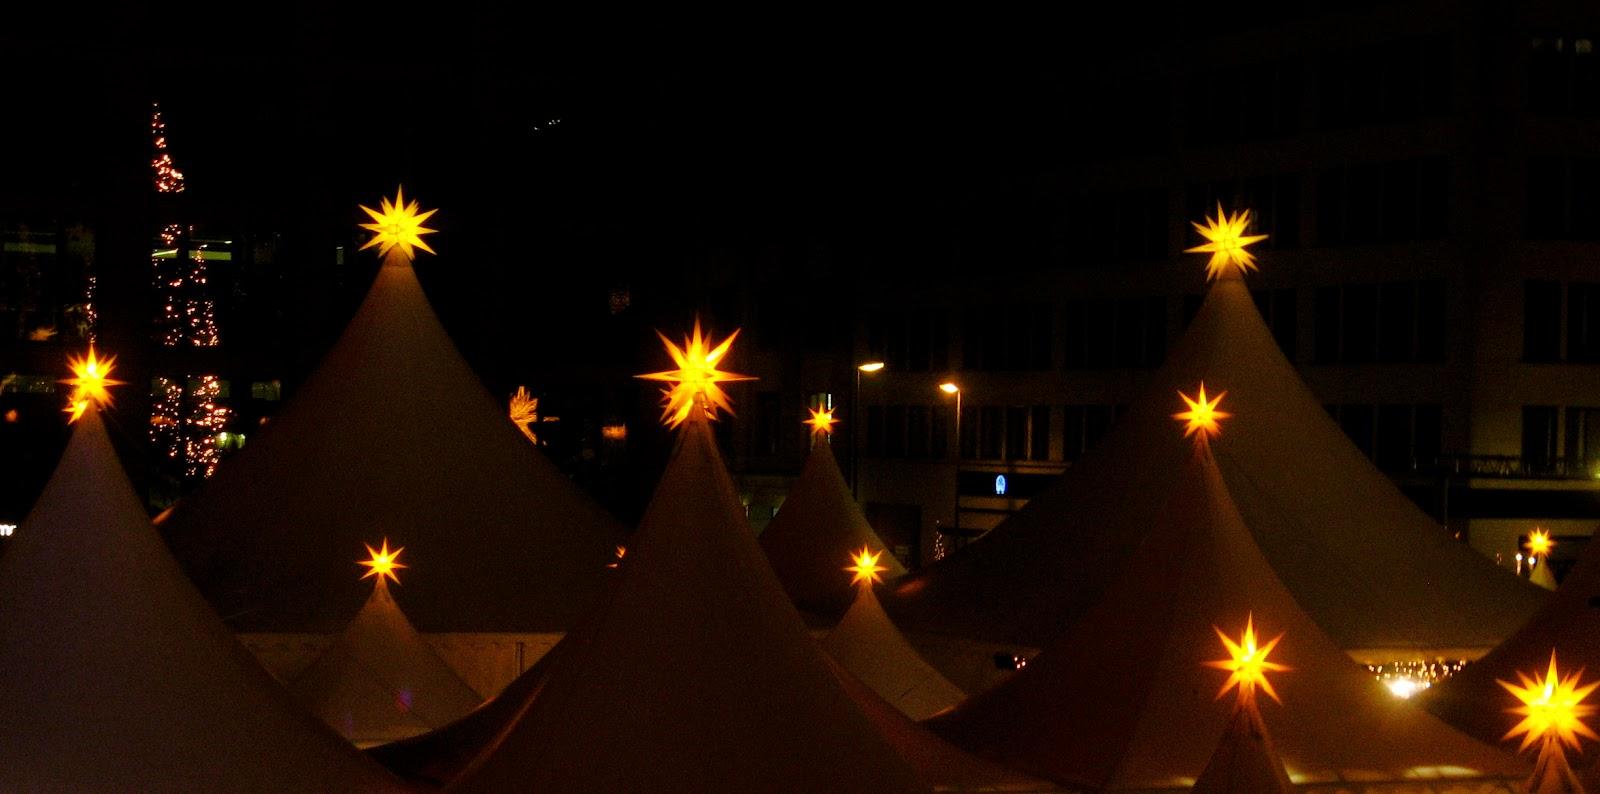 in 4 wochen ist heiligabend erste weihnachtsm rkte er ffnet bernau live. Black Bedroom Furniture Sets. Home Design Ideas